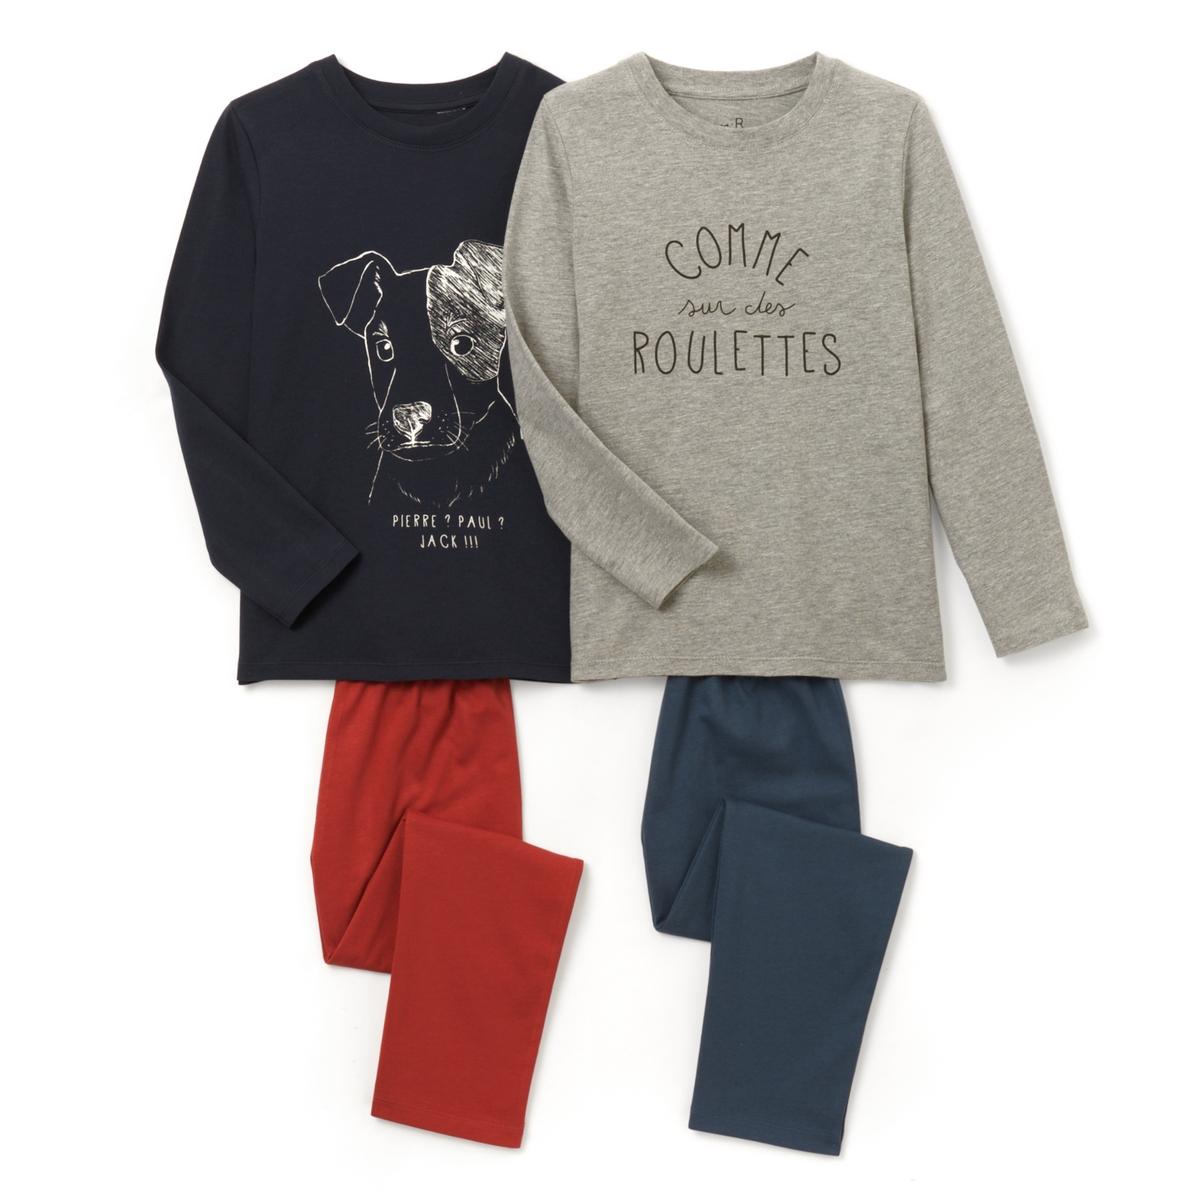 2 пижамы 2-12 летПижама: футболка с длинными рукавами и брюки. В комплекте 2 пижамы: Футболки с разными рисунками  . Брюки однотонные с эластичными поясами.Состав и описание :    Материал       Джерси 100% хлопок  (кроме цвета серый меланж: преимущественно из хлопка).  Уход: : - Машинная стирка при 30°C с вещами схожих цветов. Стирать, сушить и гладить с изнаночной стороны. Машинная сушка в умеренном режиме. Гладить на низкой температуре.<br><br>Цвет: синий + серый меланж + красный<br>Размер: 2 года - 86 см.12 лет -150 см.10 лет - 138 см.8 лет - 126 см.6 лет - 114 см.5 лет - 108 см.4 года - 102 см.3 года - 94 см